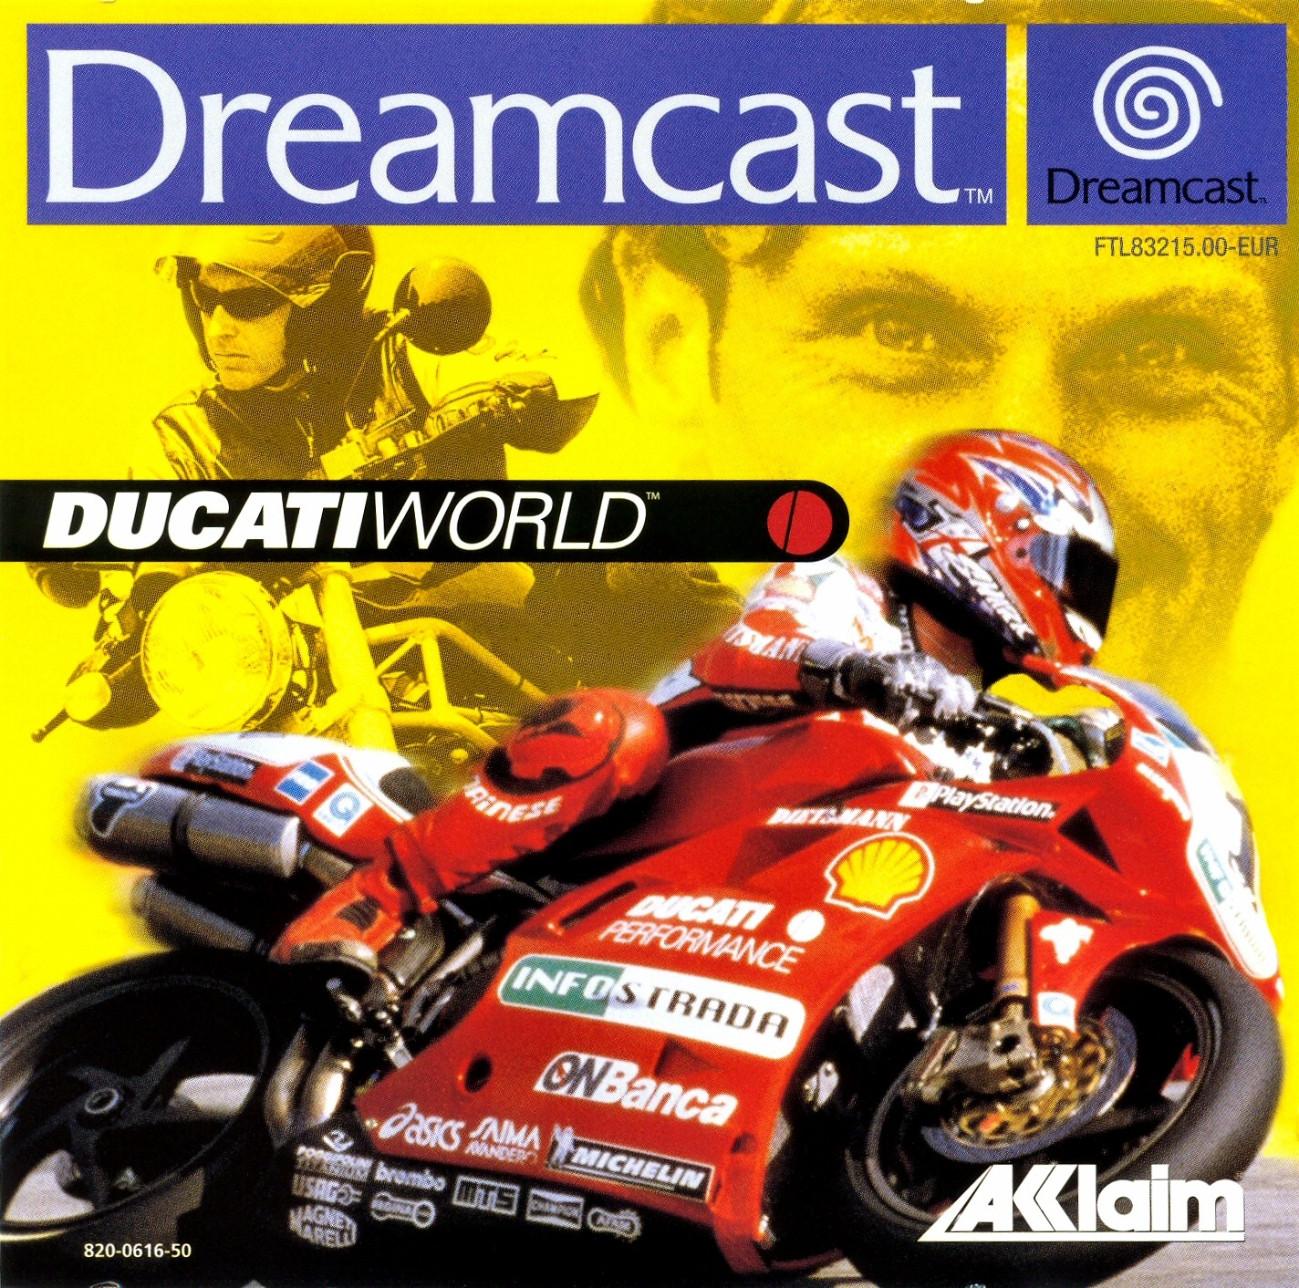 Afbeelding van Ducati World